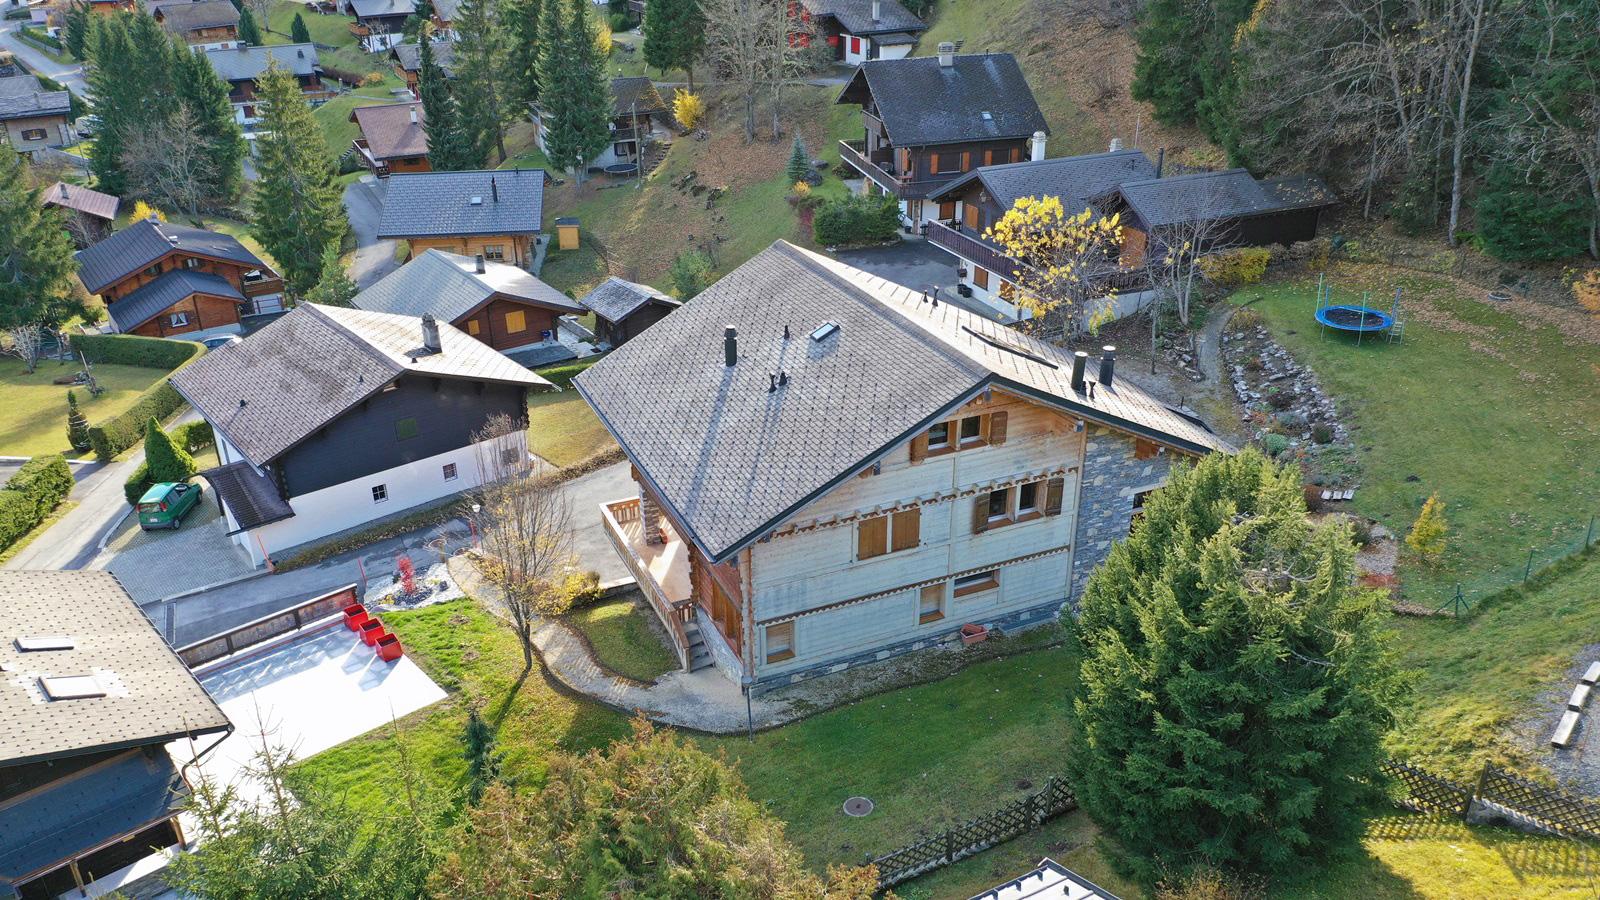 Chalet Chouette Chalet, Switzerland